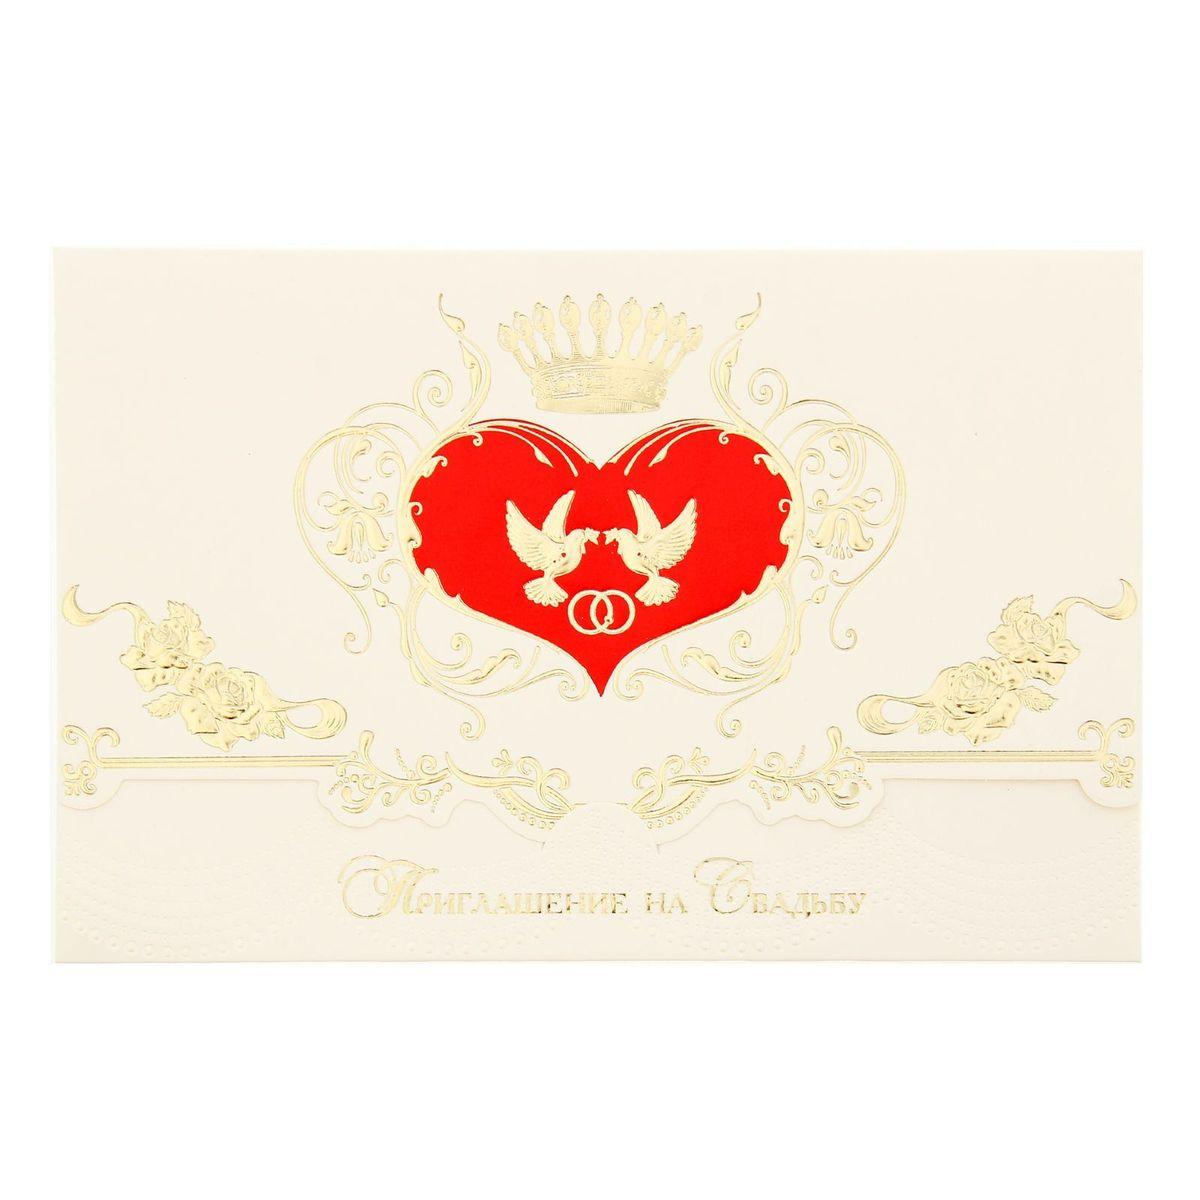 Sima-land Приглашение на свадьбу Королевское, 19 х 12,5 см1259948Свадьба — одно из главных событий в жизни каждого человека. Для идеального торжества необходимо продумать каждую мелочь. Родным и близким будет приятно получить индивидуальную красивую открытку с эксклюзивным дизайном.